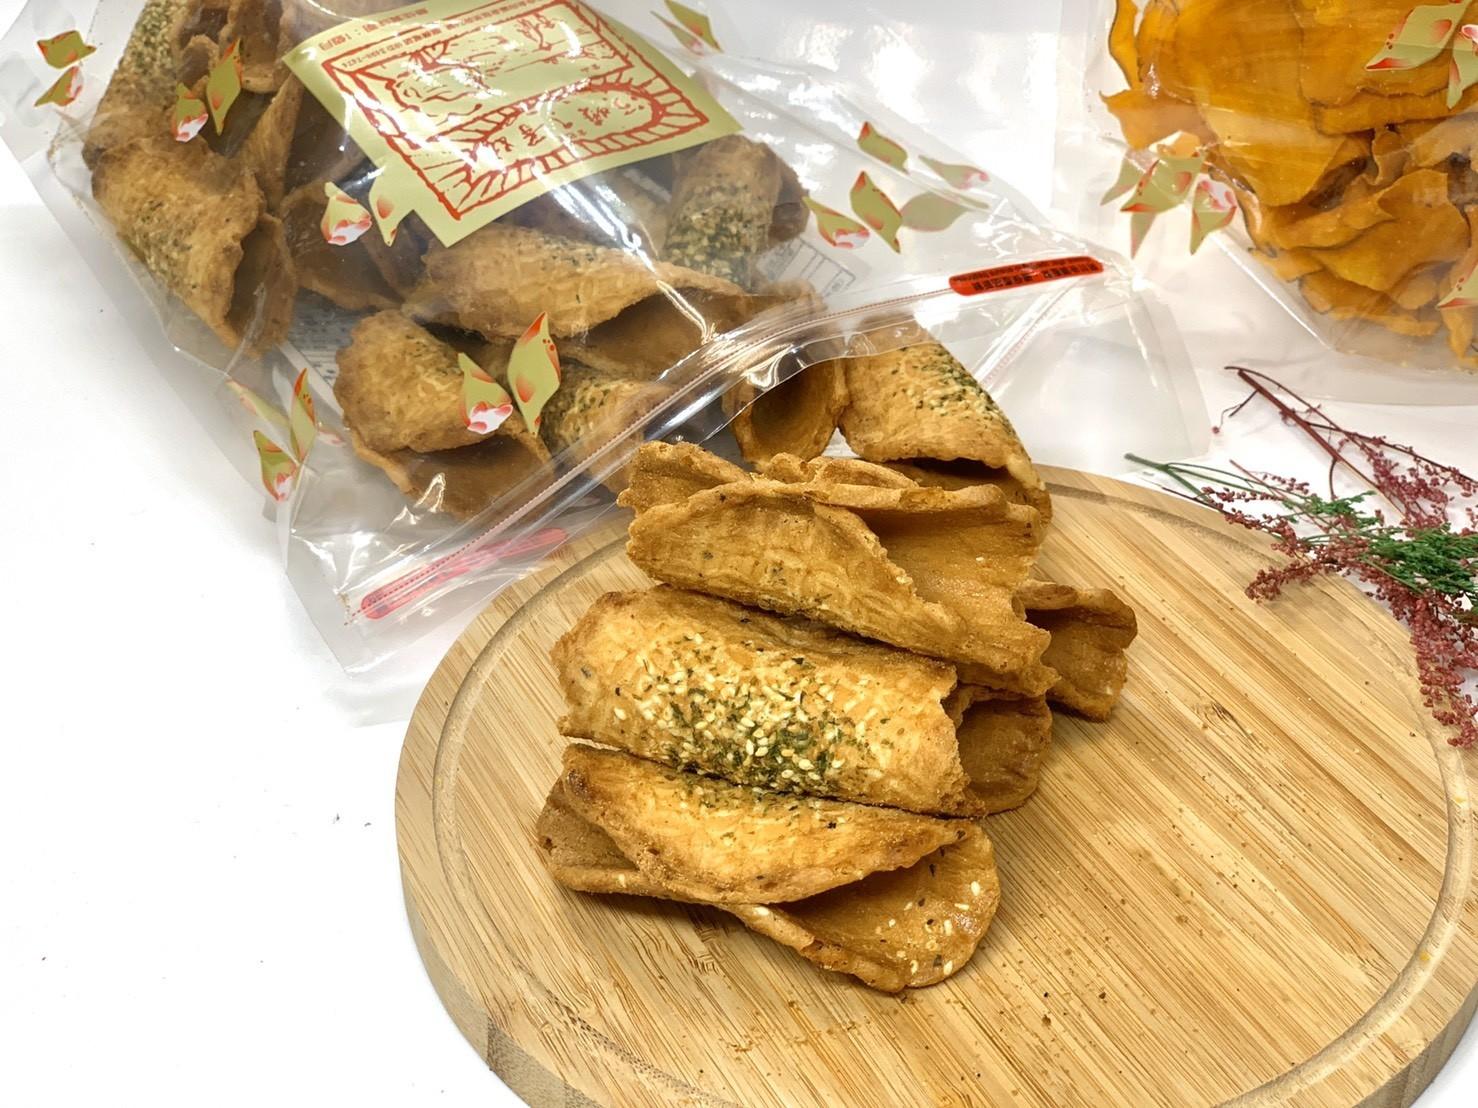 金山老街阿嬤ㄟ等路  金山名產台農66號地瓜酥餅、跳石芋頭酥餅《金山特產推薦》